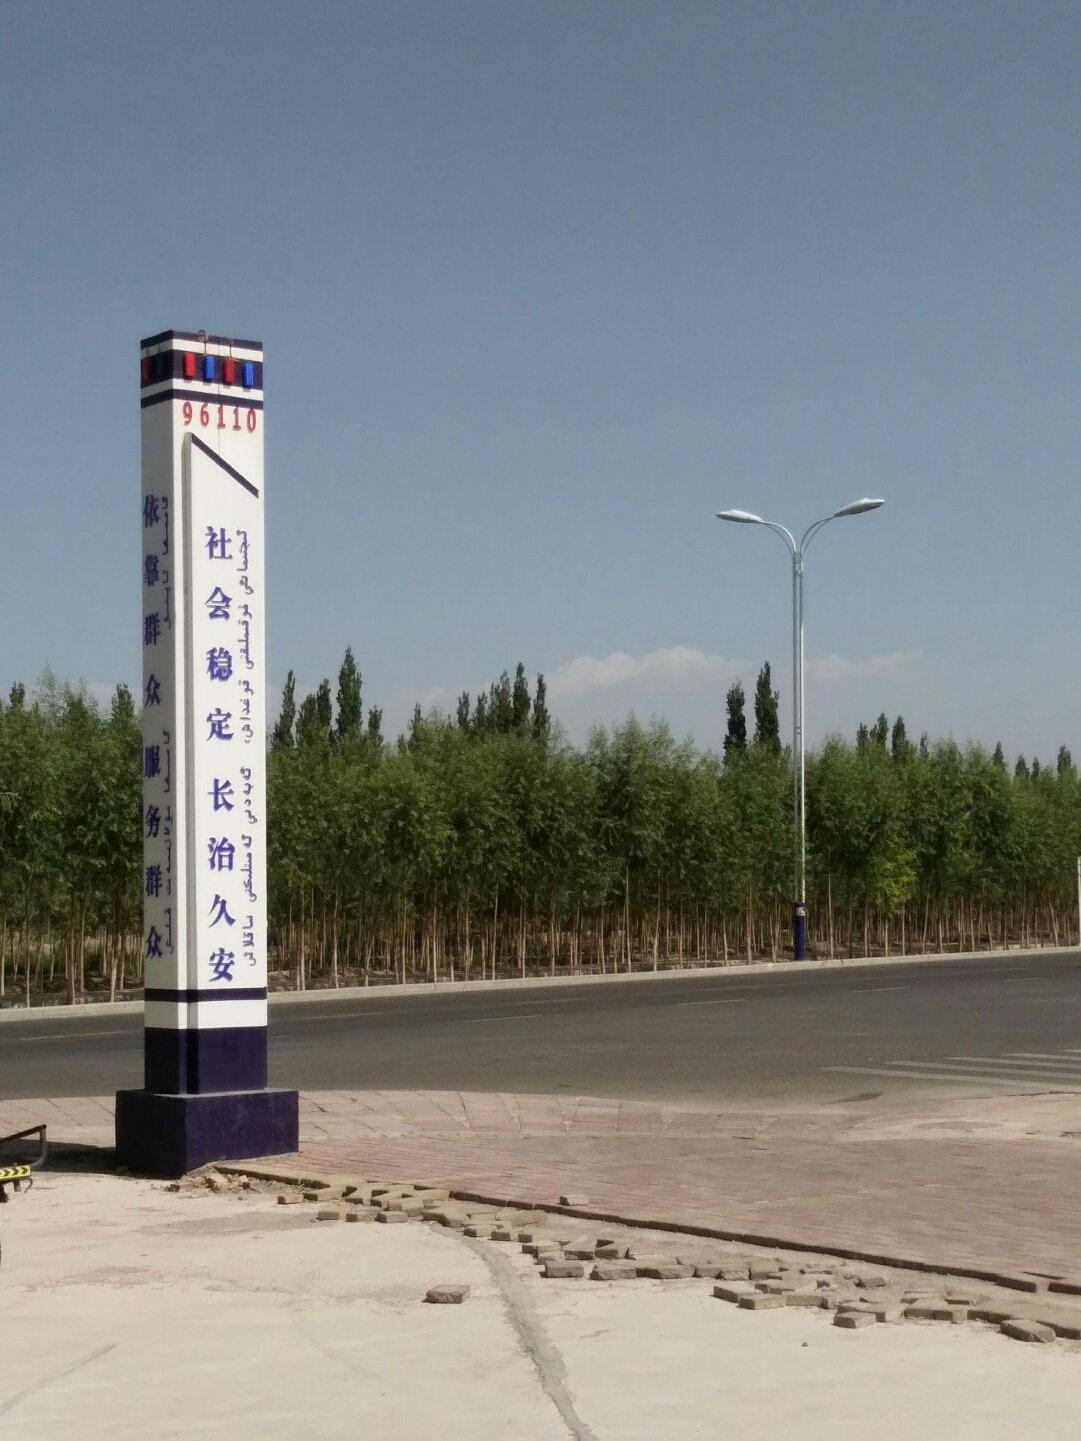 新疆维吾尔自治区巴音郭楞蒙古自治州焉耆回族自治县山东路靠近农二师二十七团防疫站天气预报